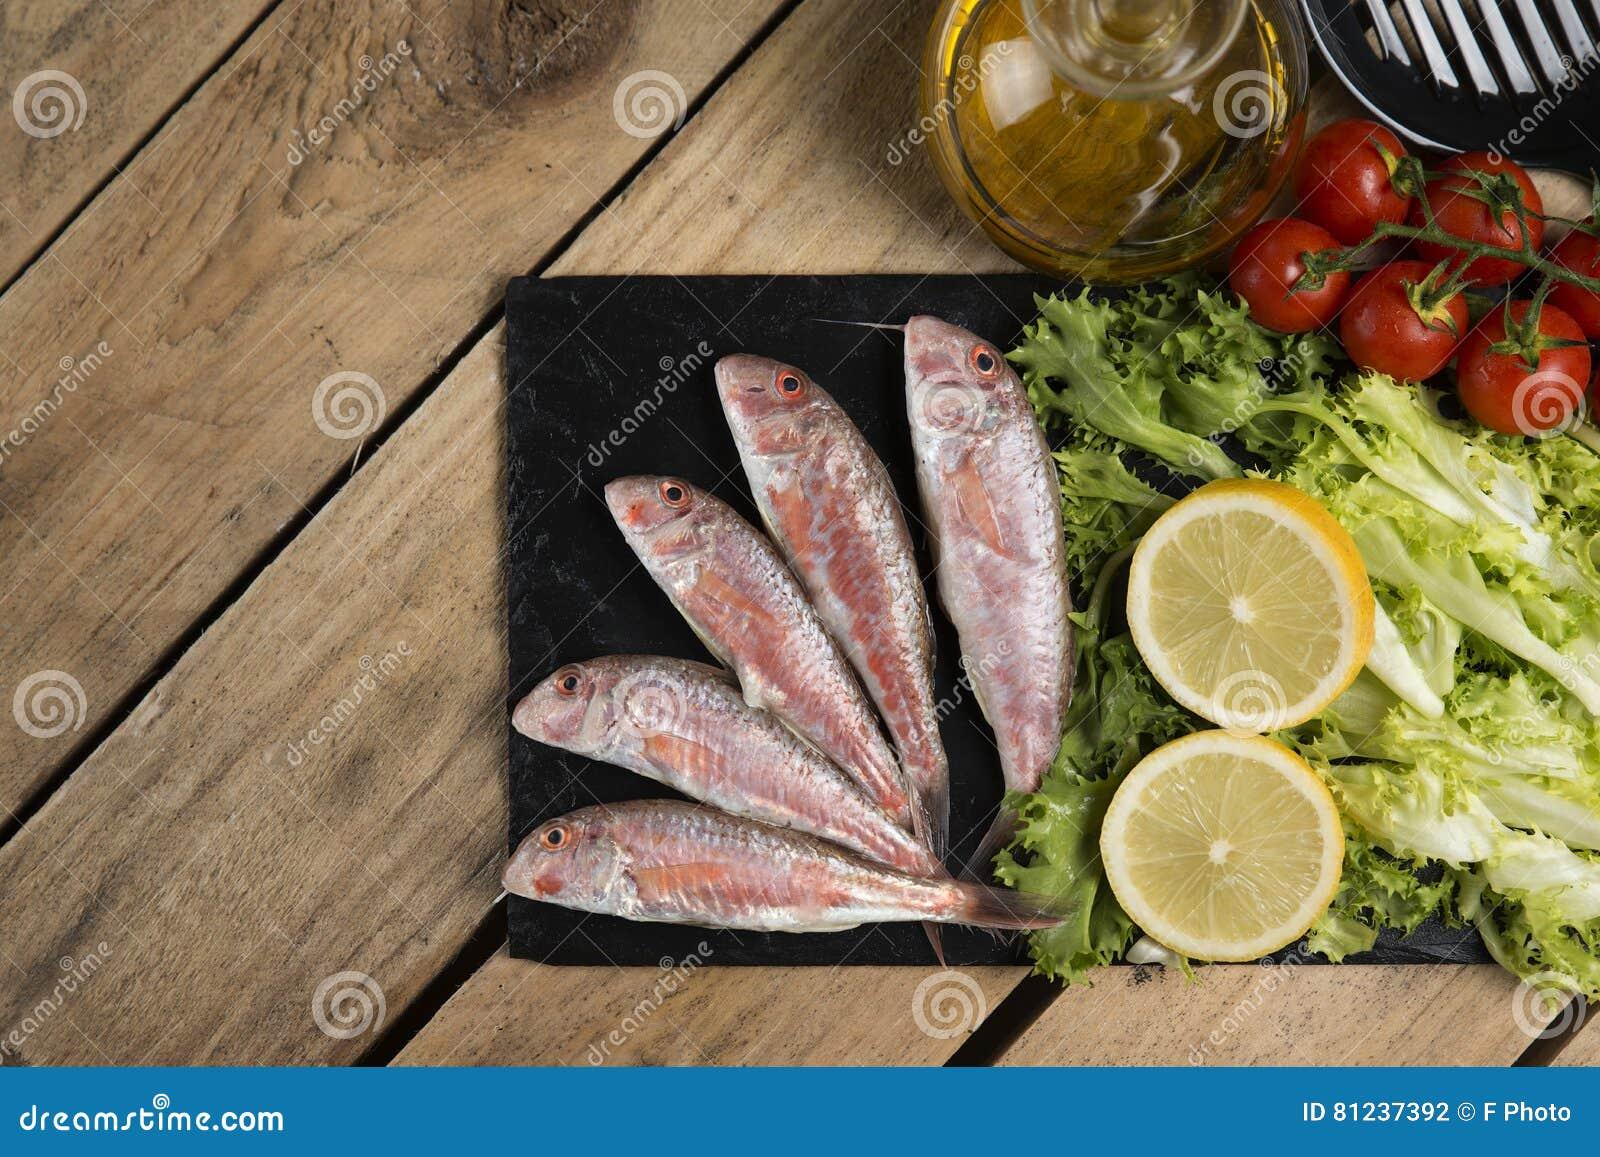 Piatti Cucina In Ardesia : Belleset set di piatti in ardesia ovale cm piatti